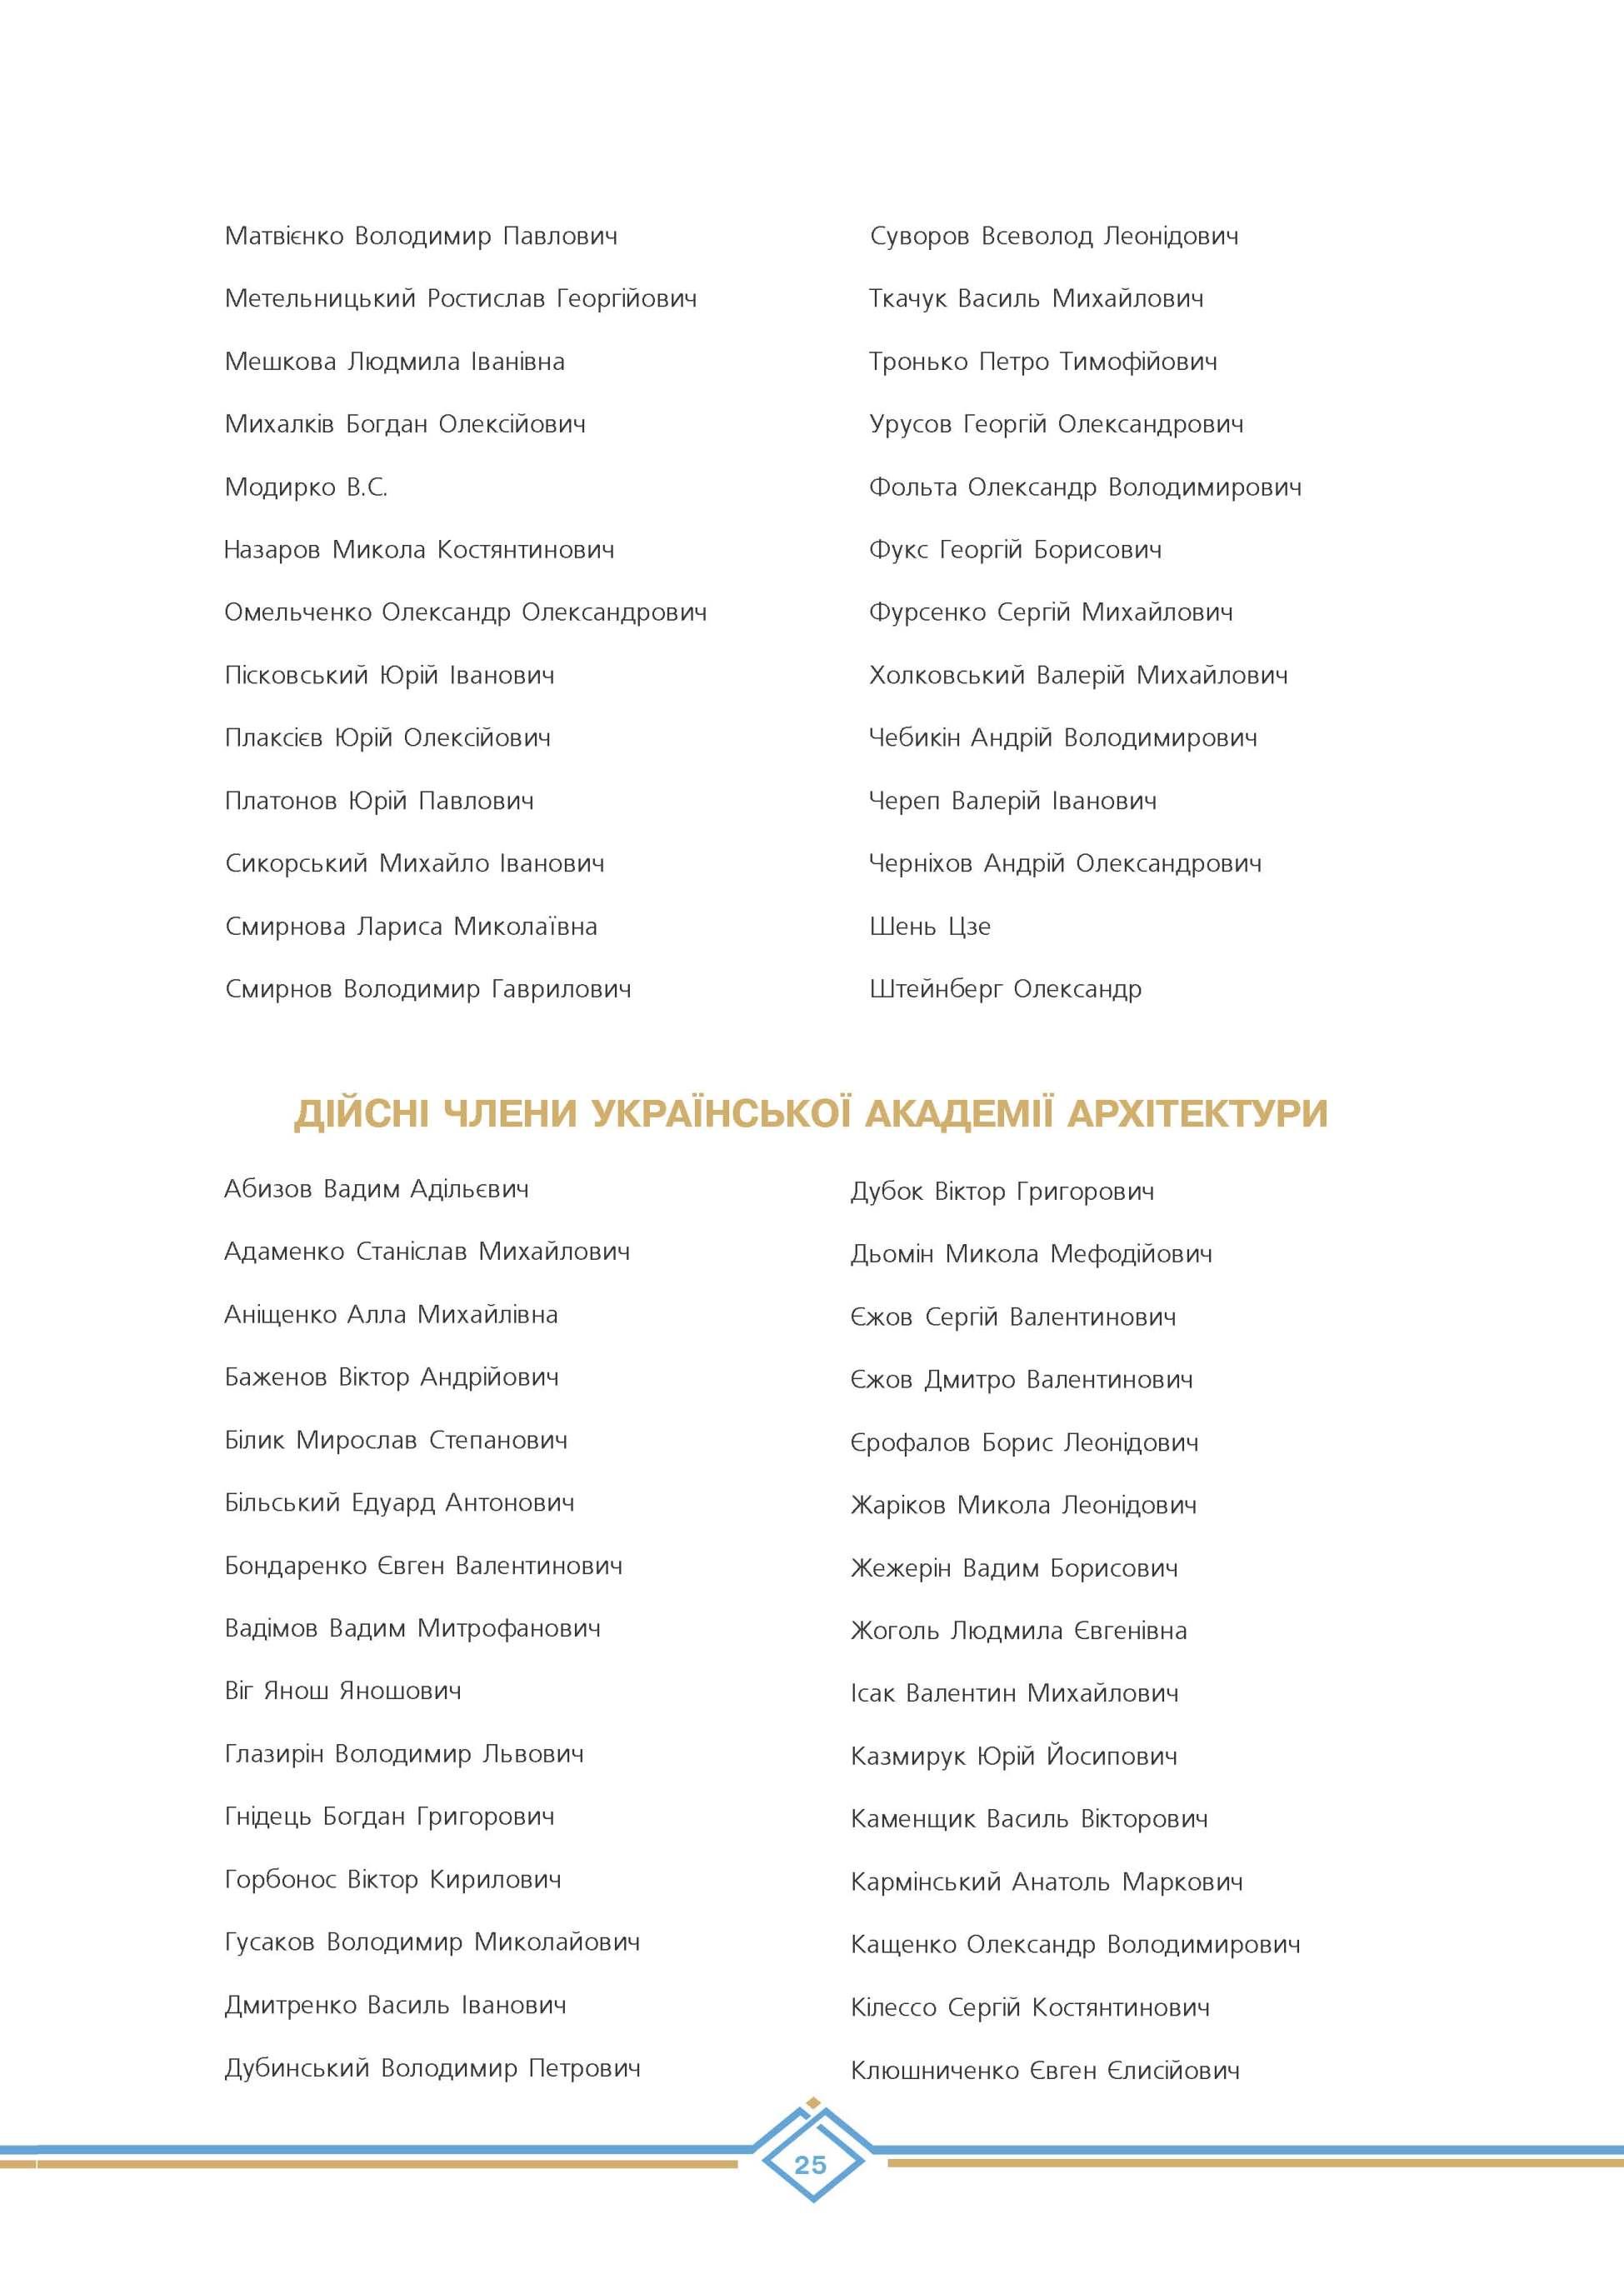 Почесні члени Української академії архітектури